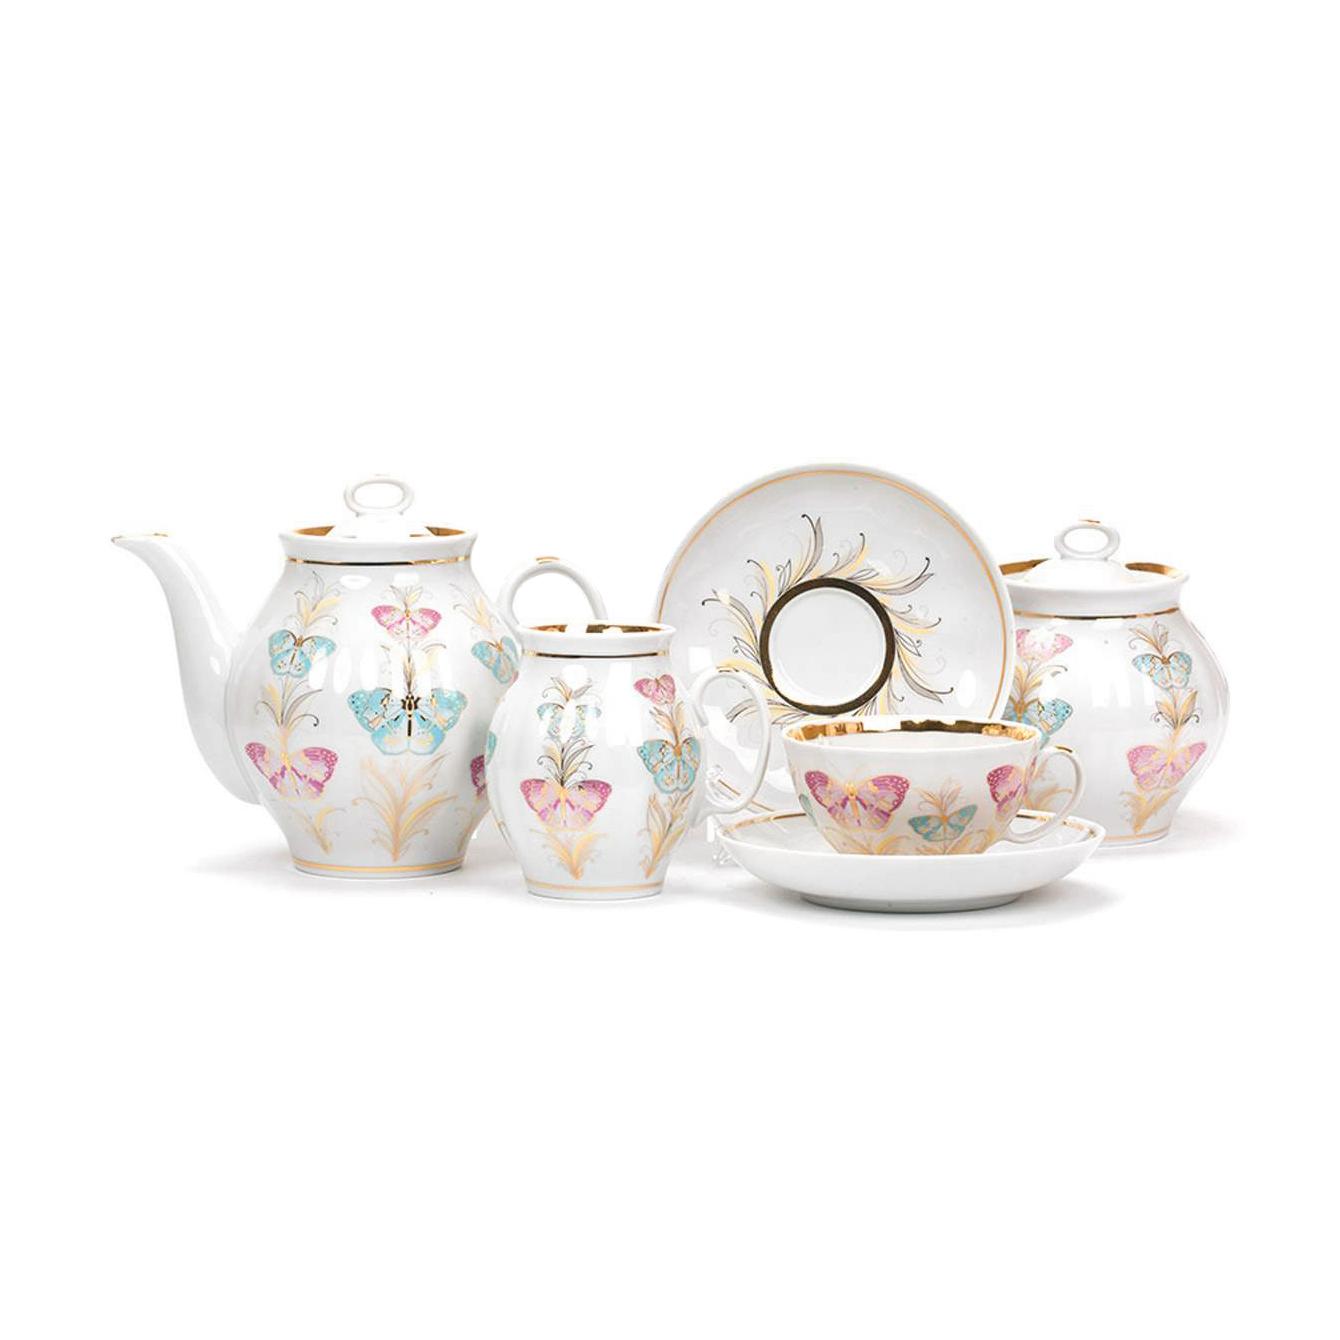 Чайный сервиз Дулево Фантазия 6 персон 15 предметов